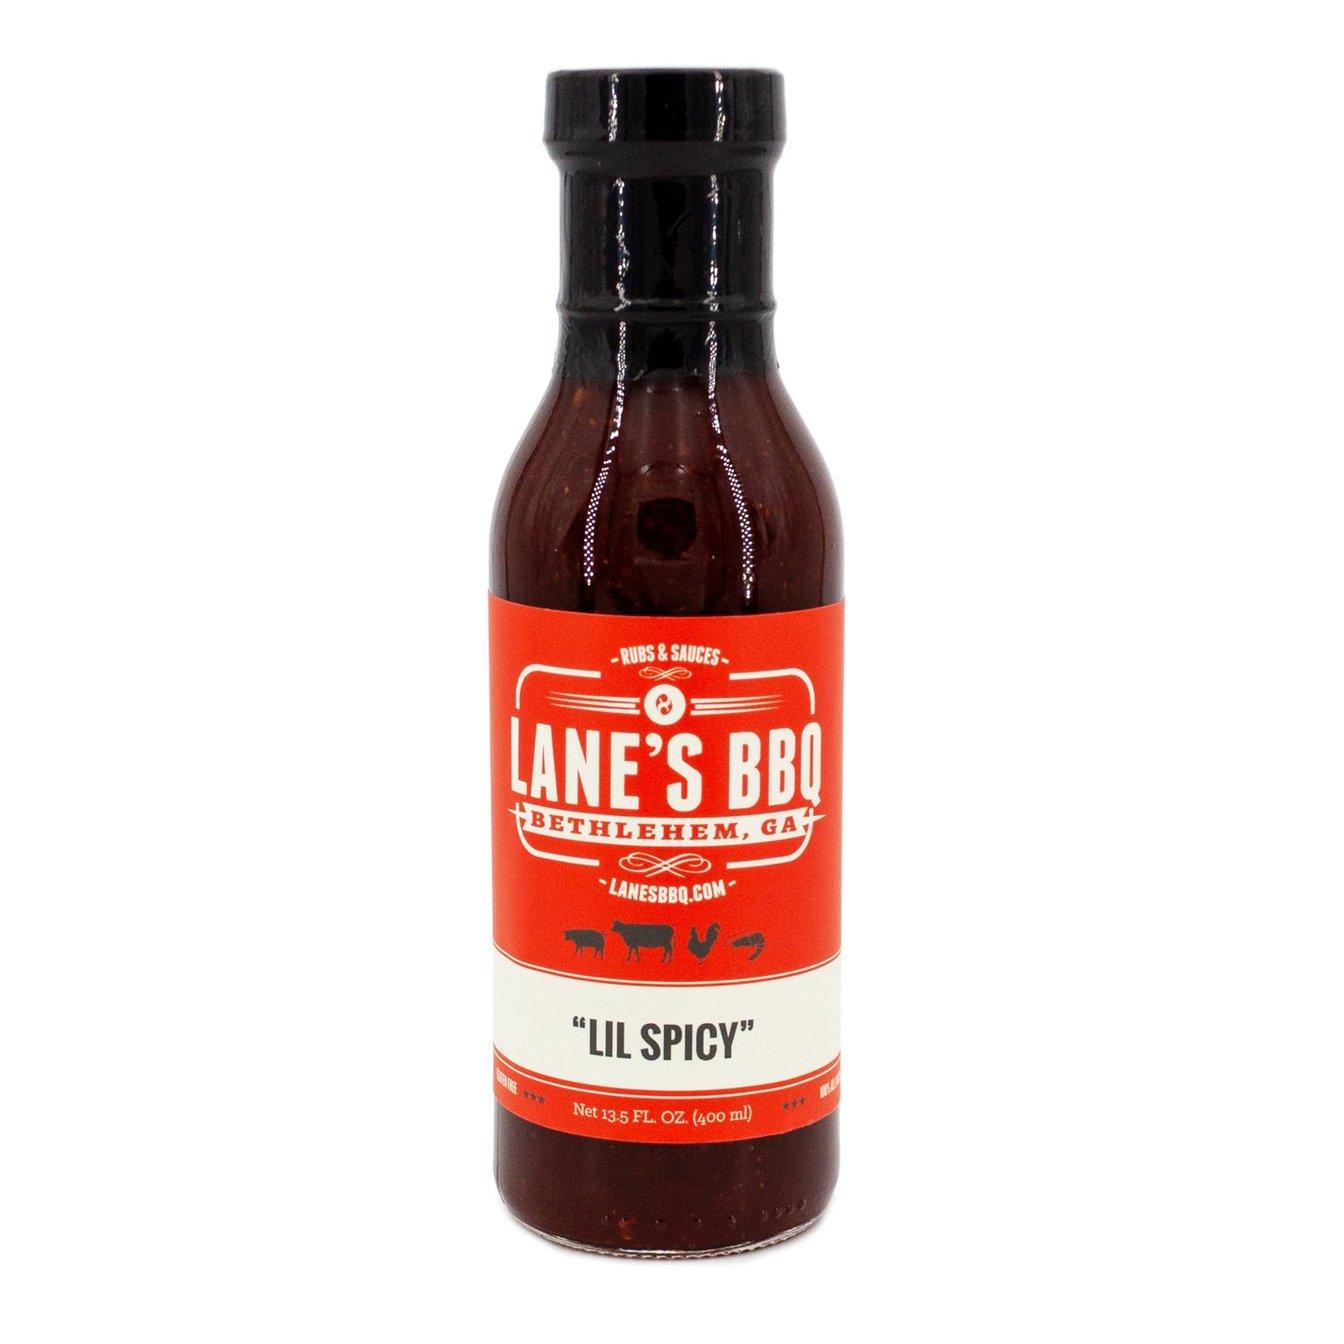 lil-spicy-13oz_1800x1800_477817aa-eb5f-40c3-b54d-d2834382ce71_1344x1344